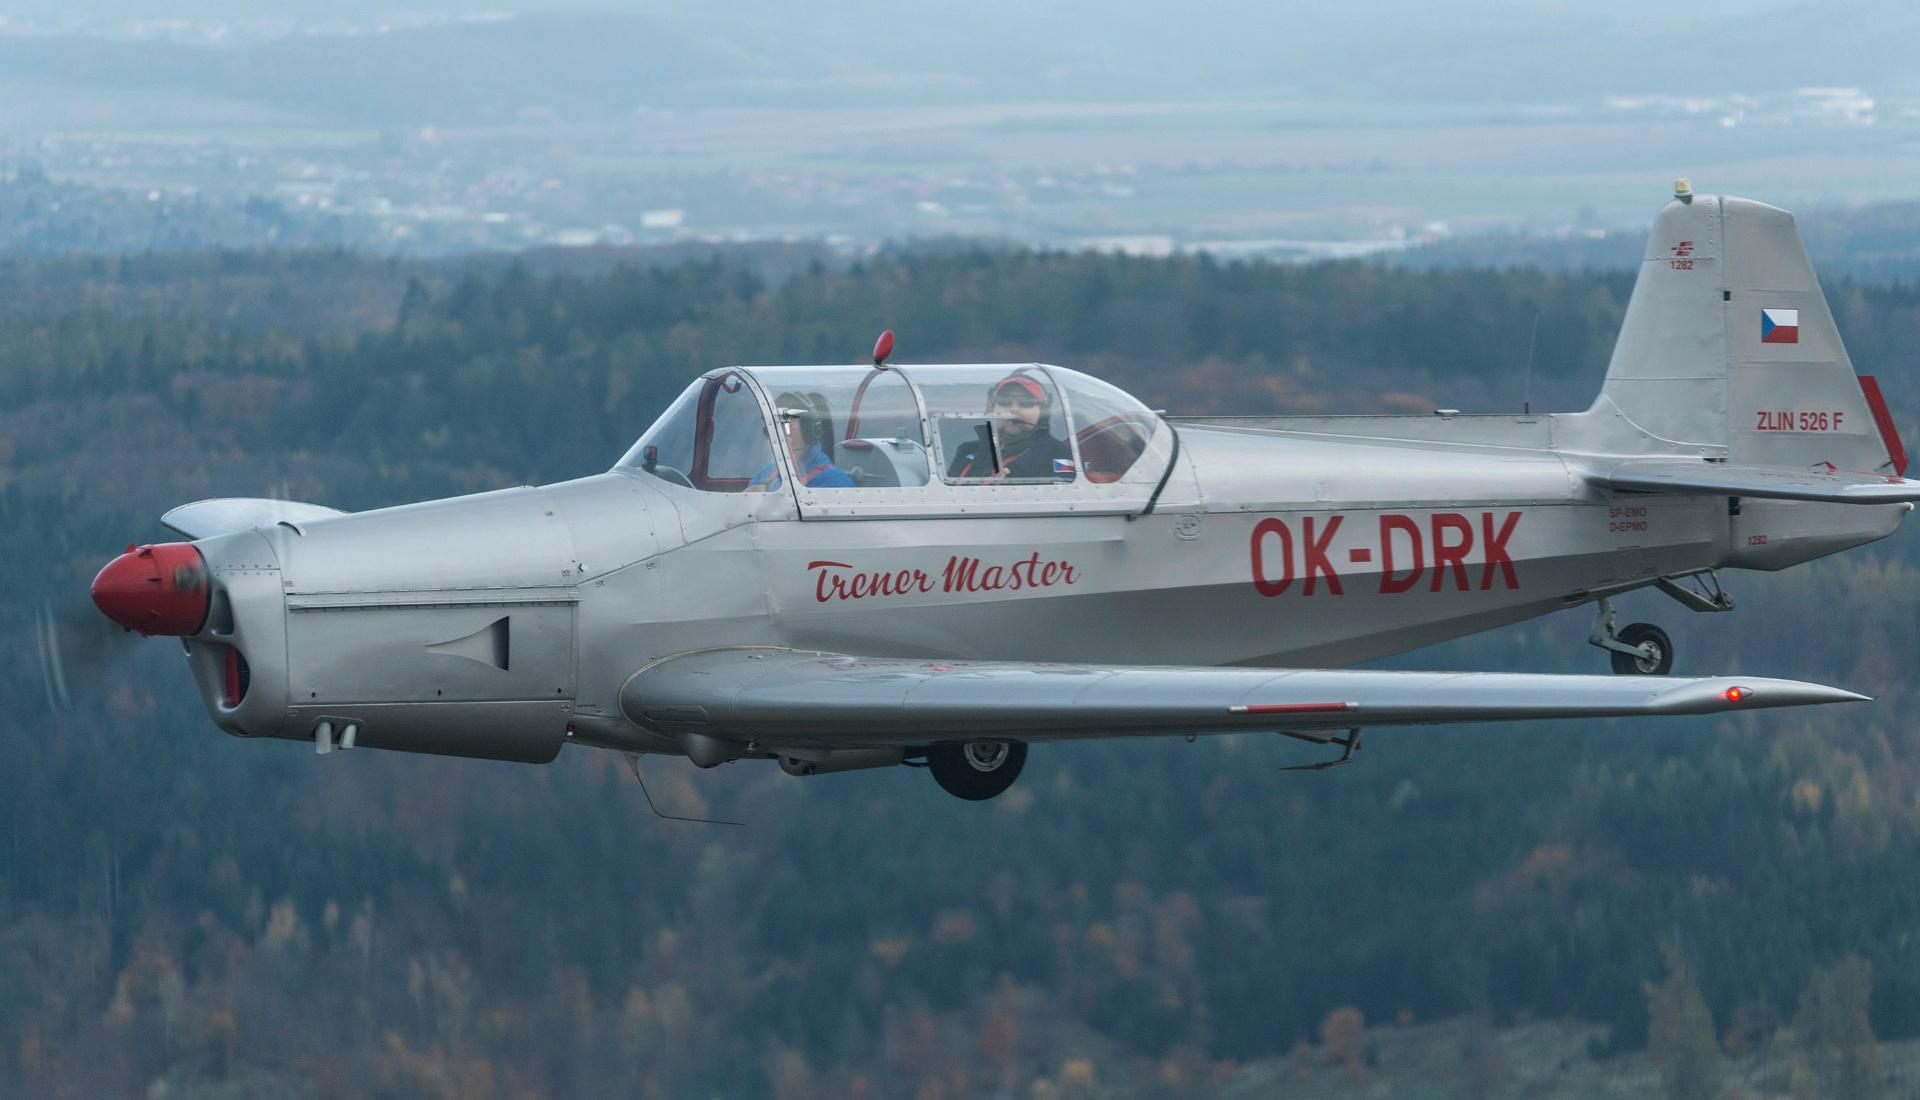 Zlin-526-F-letova-fotografie-miroslav-kamrla-1920x1110_1.jpg